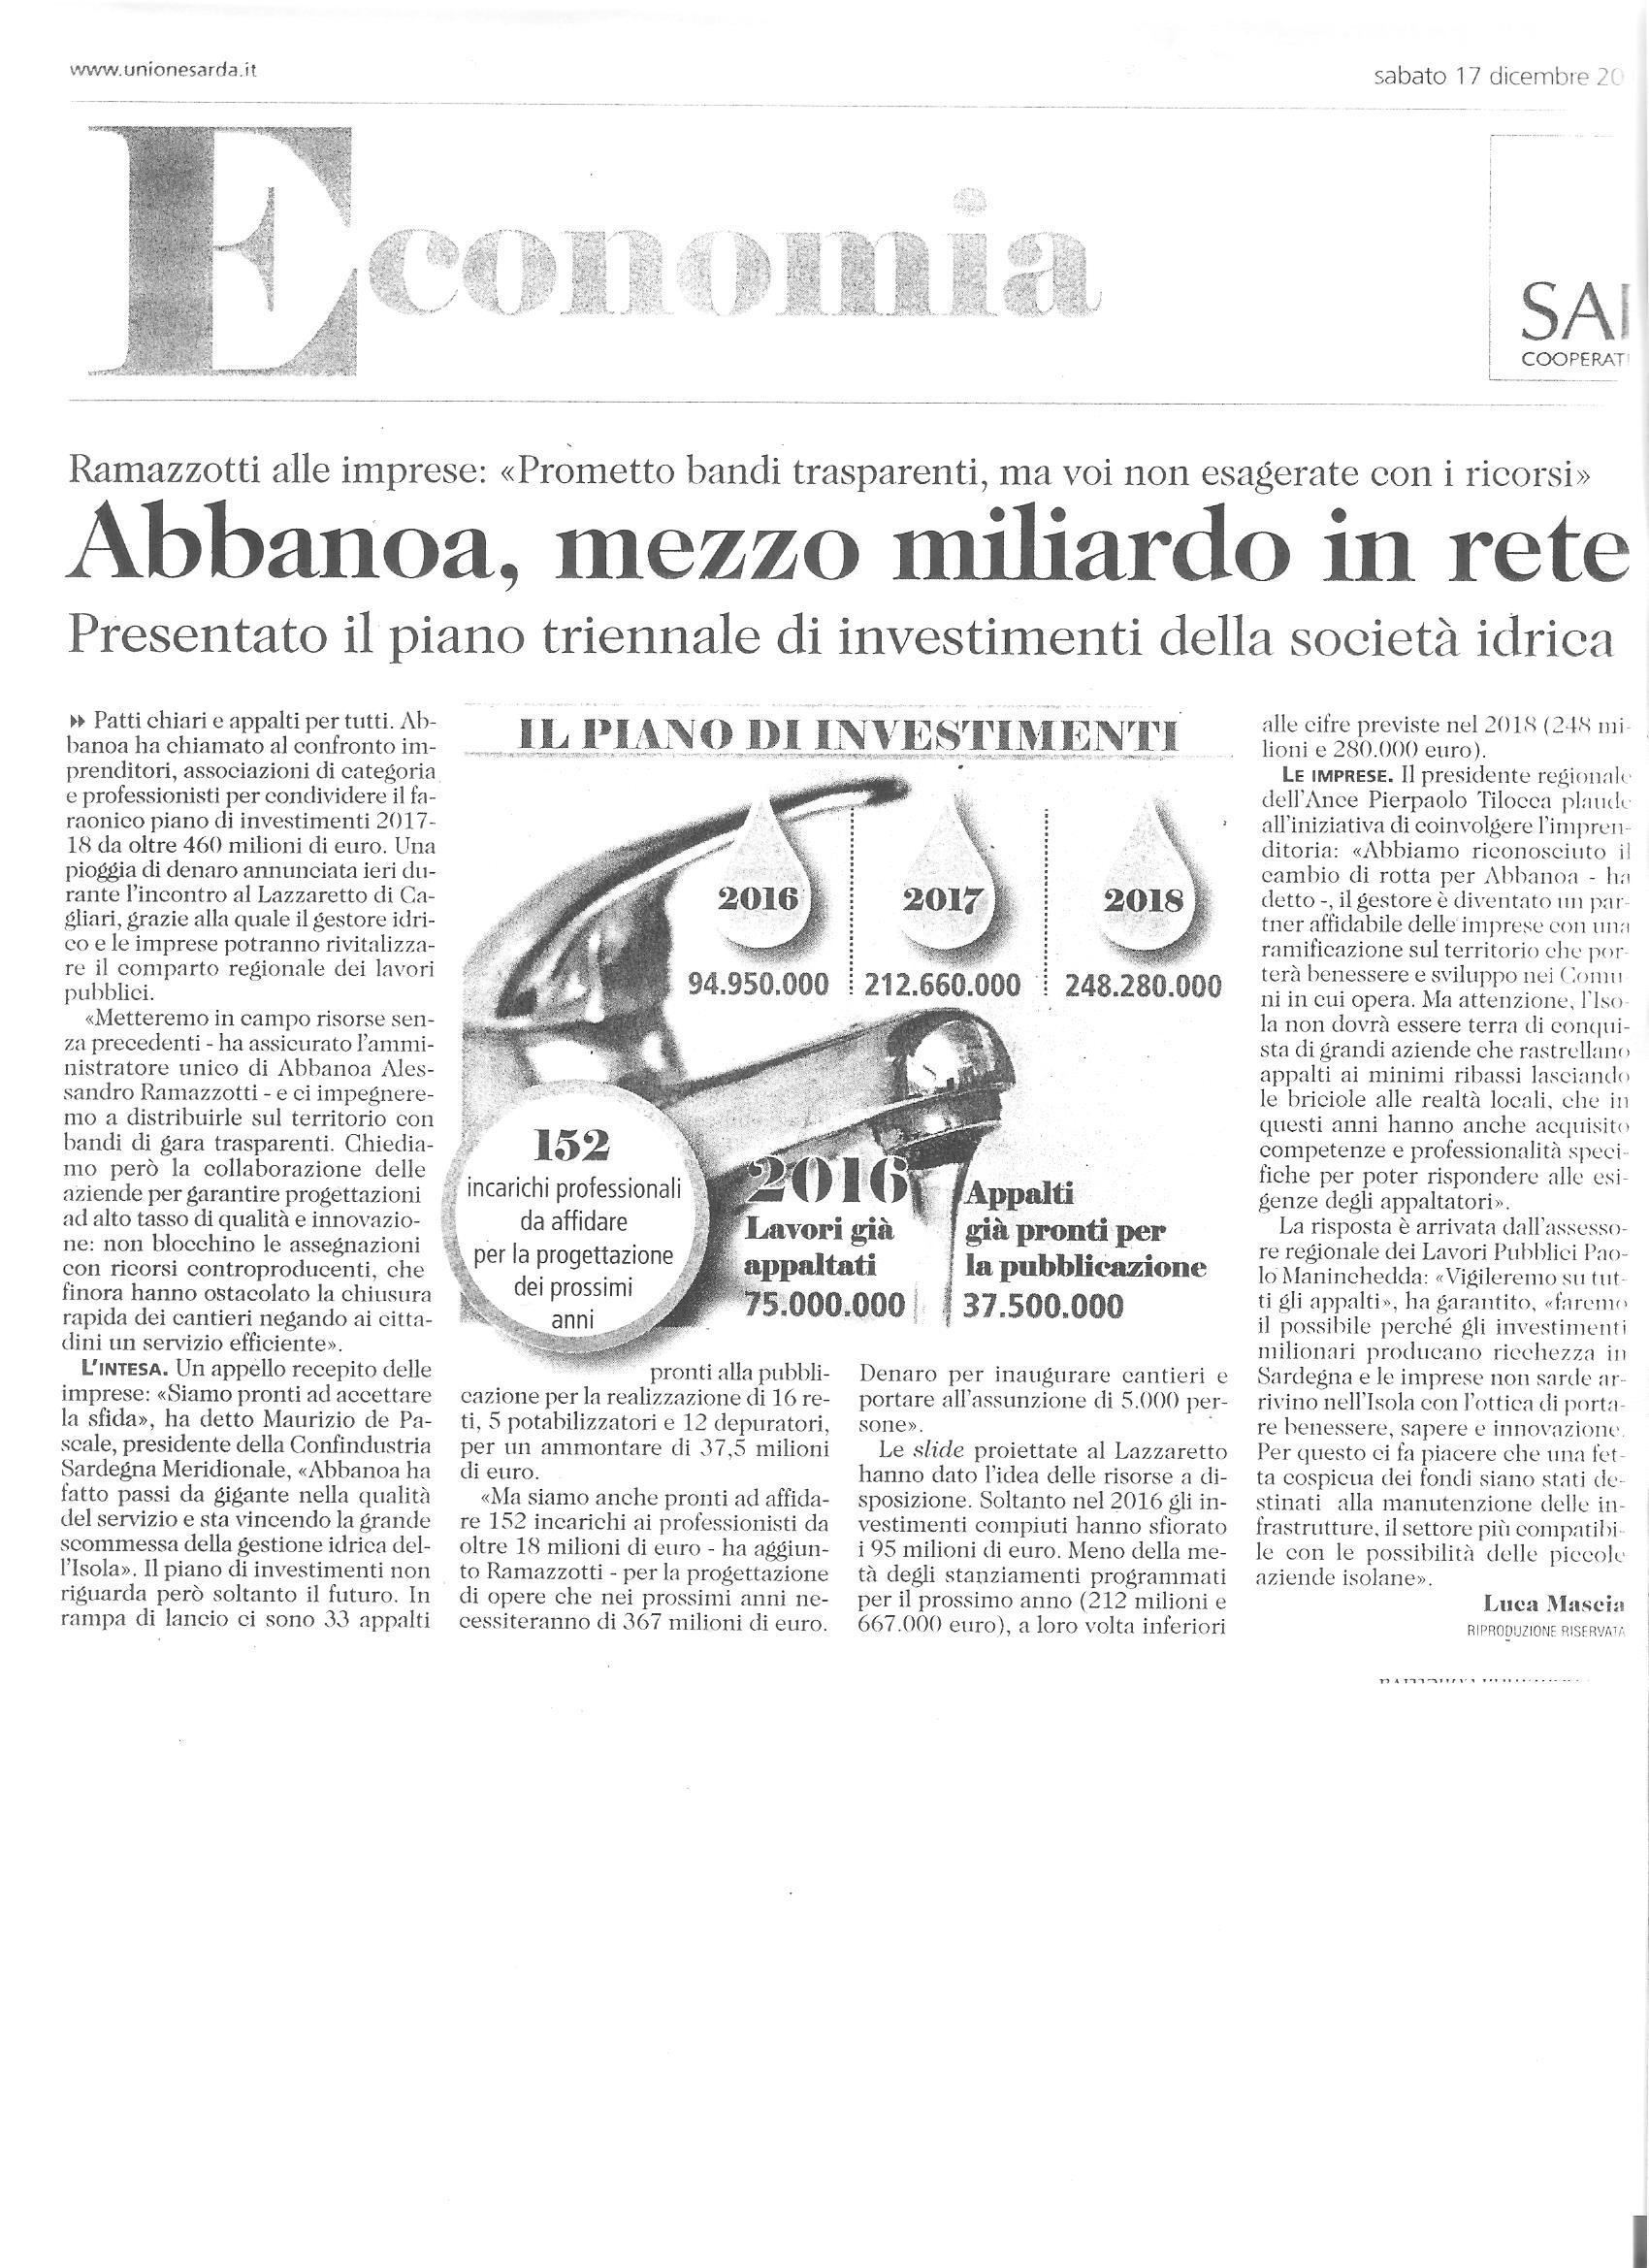 Abbanoa pianifica gli investimenti in Sardegna